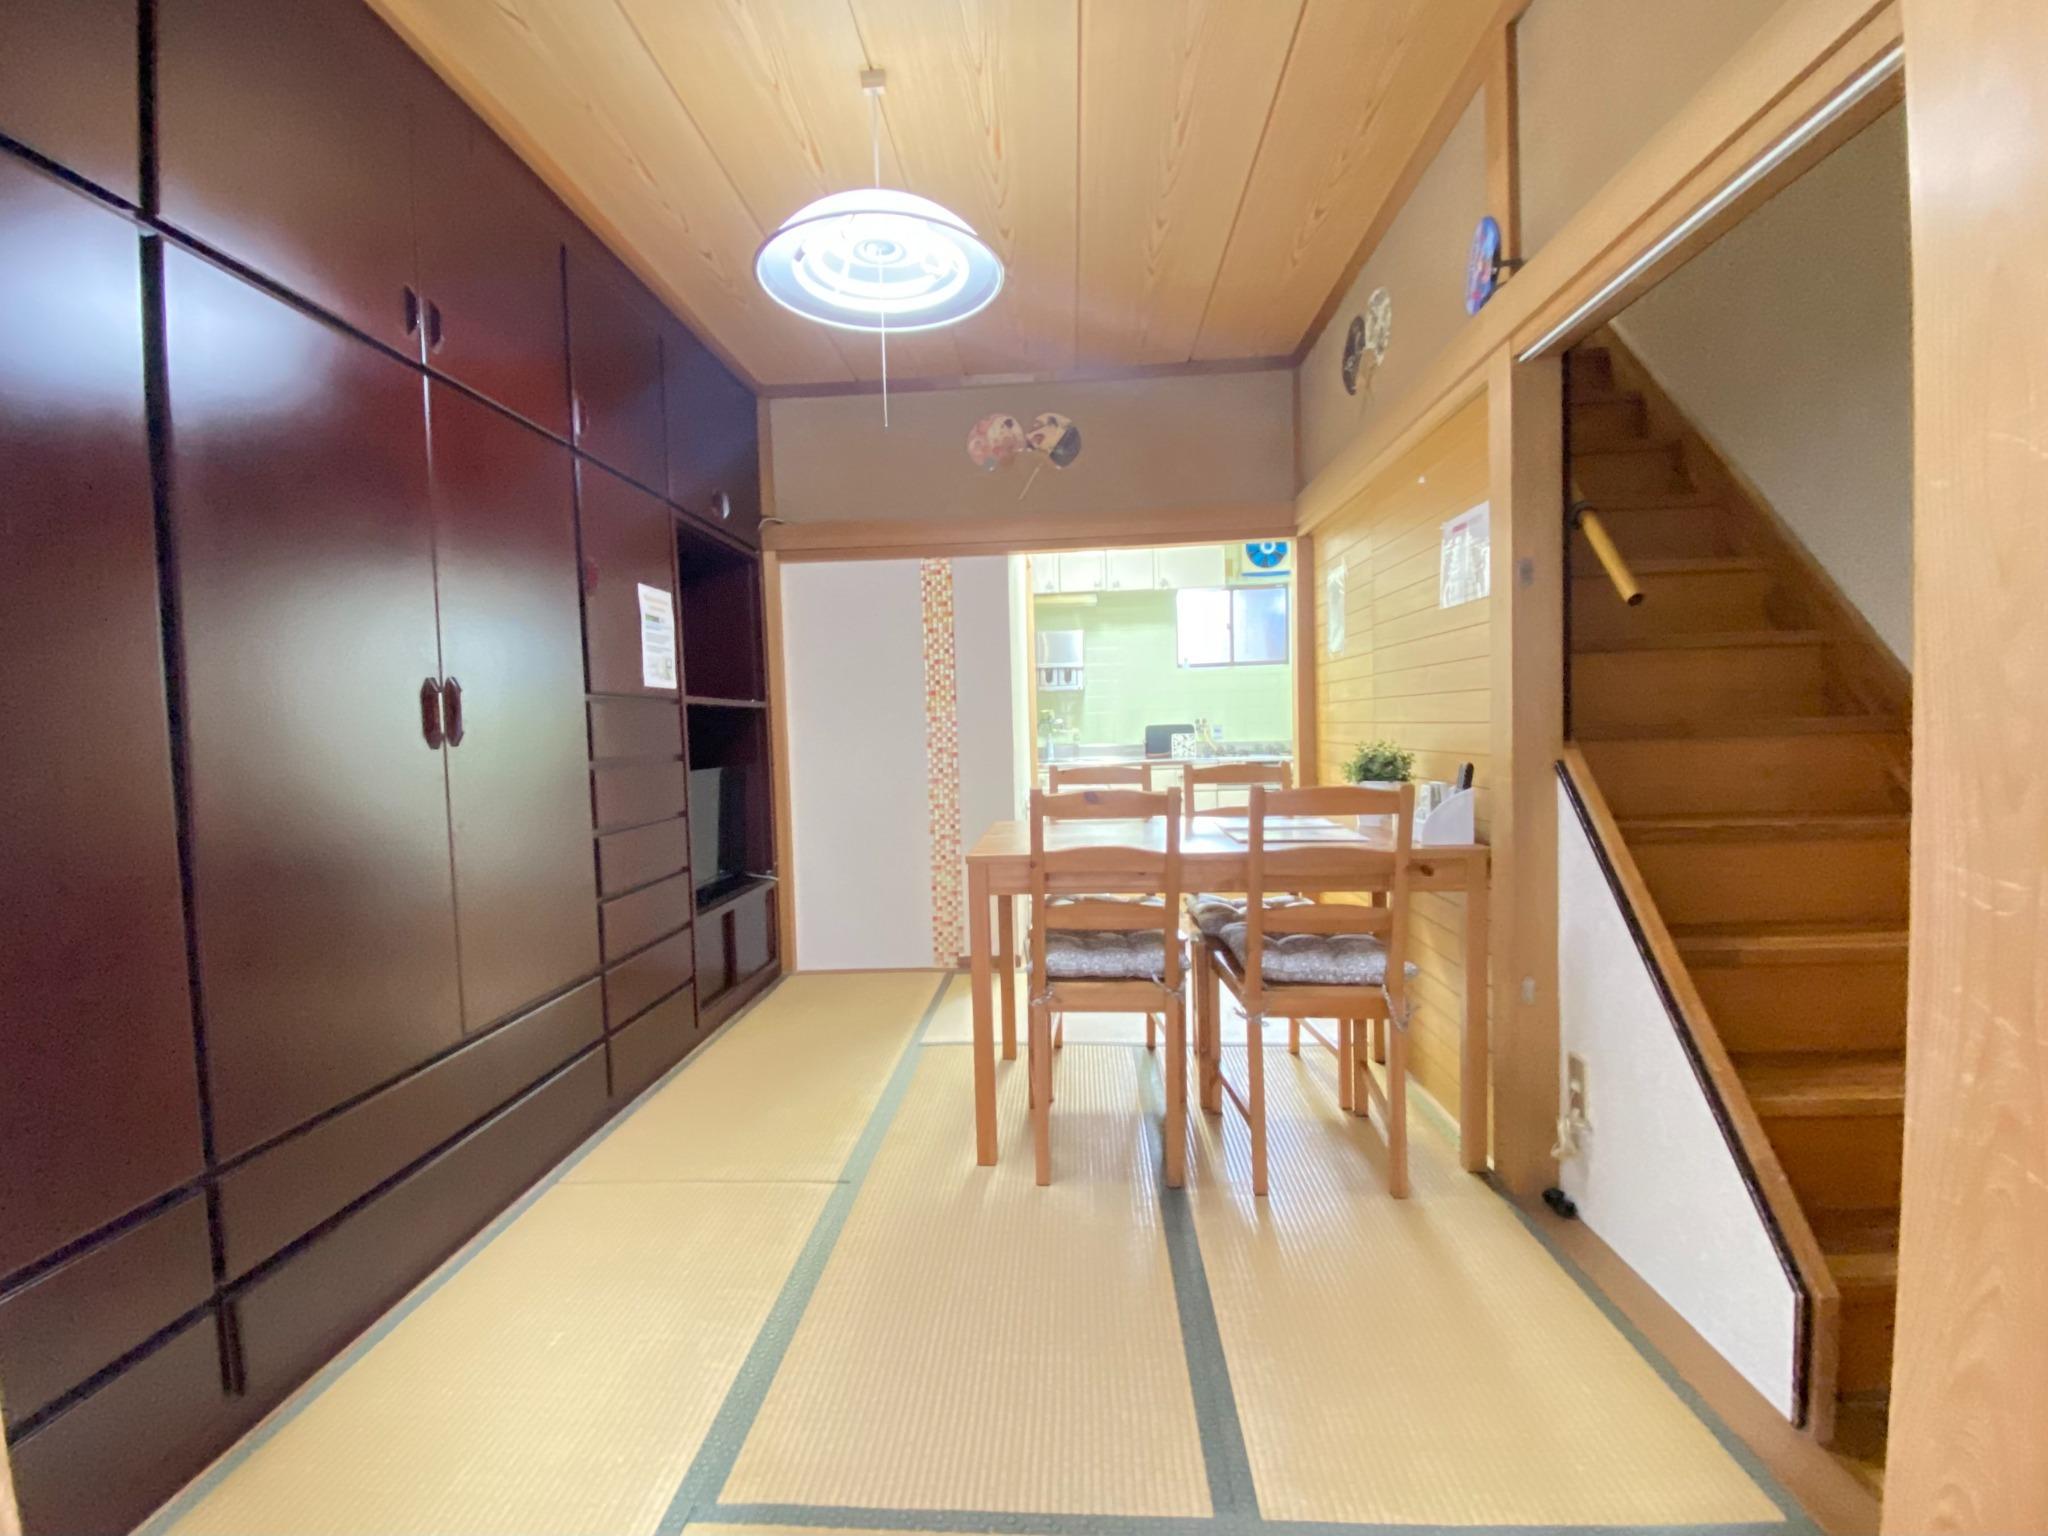 【一棟貸しだから安心安全】京都駅南側 十条駅から徒歩3分★ タコ&鍋パセット貸出オプションあり♪